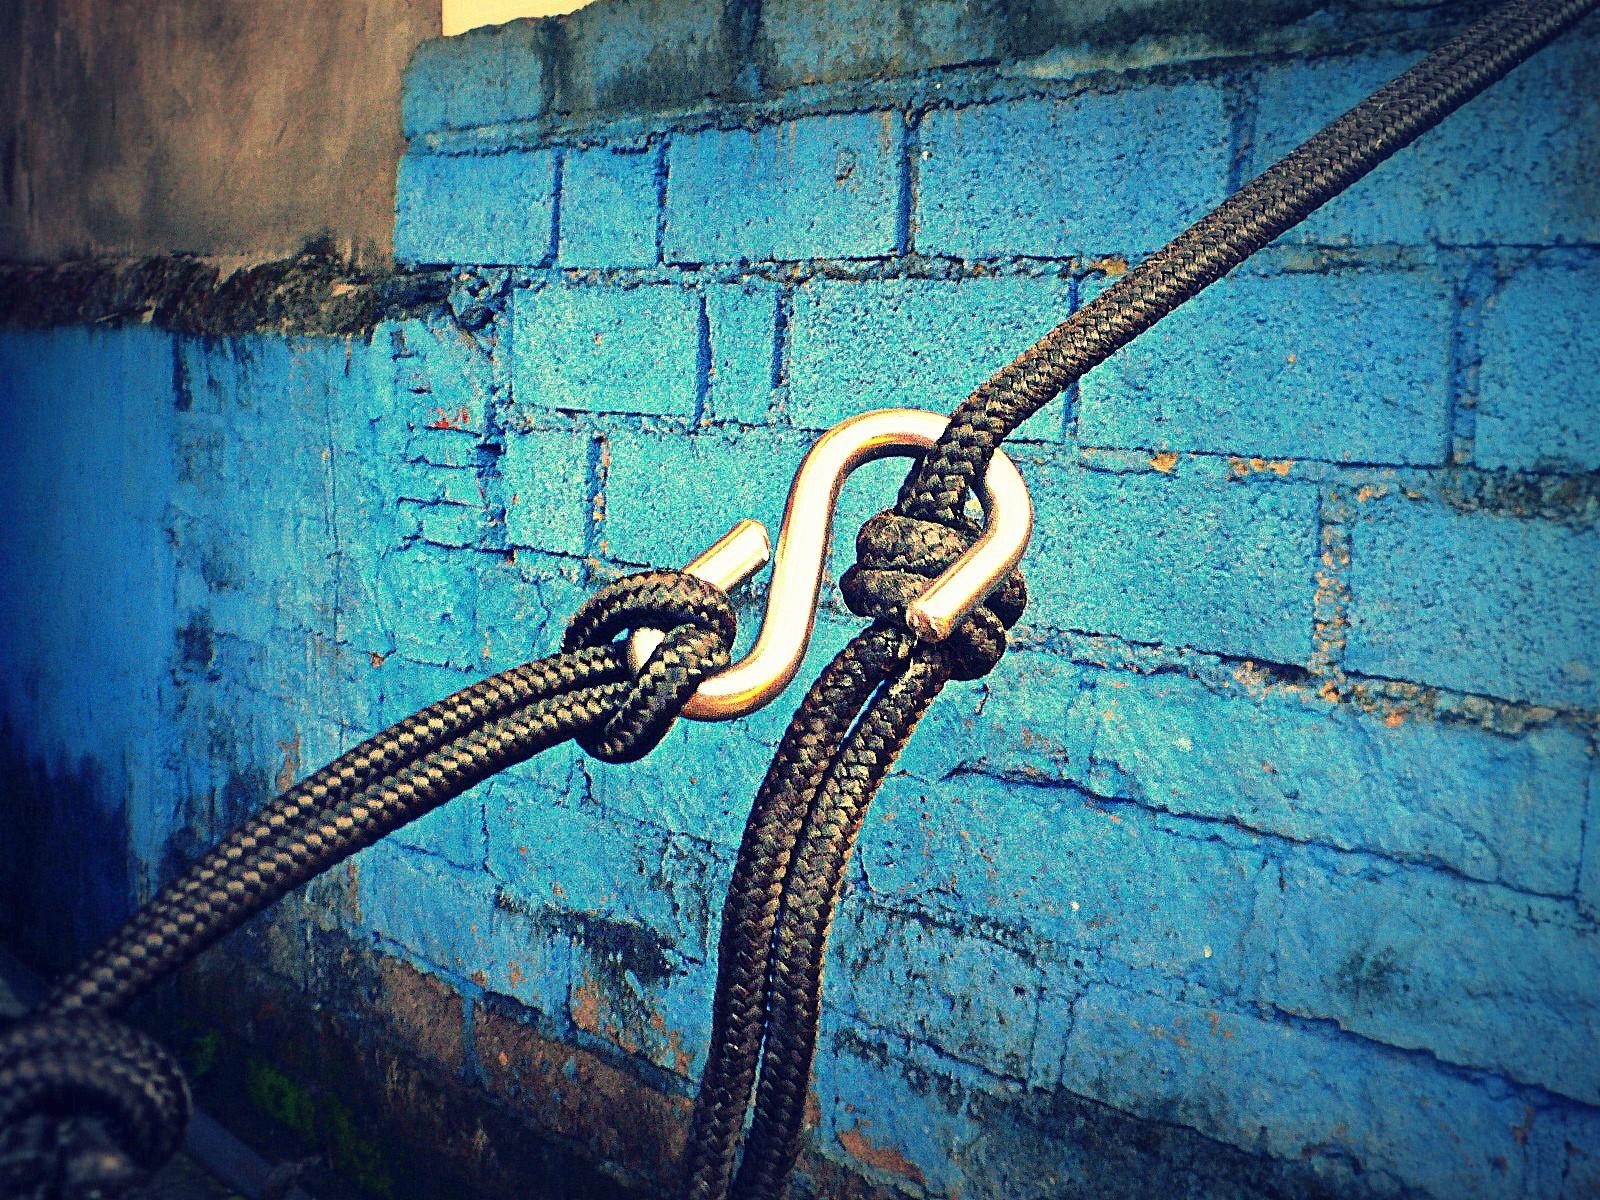 Как закрепить гамак с помощью веревок.